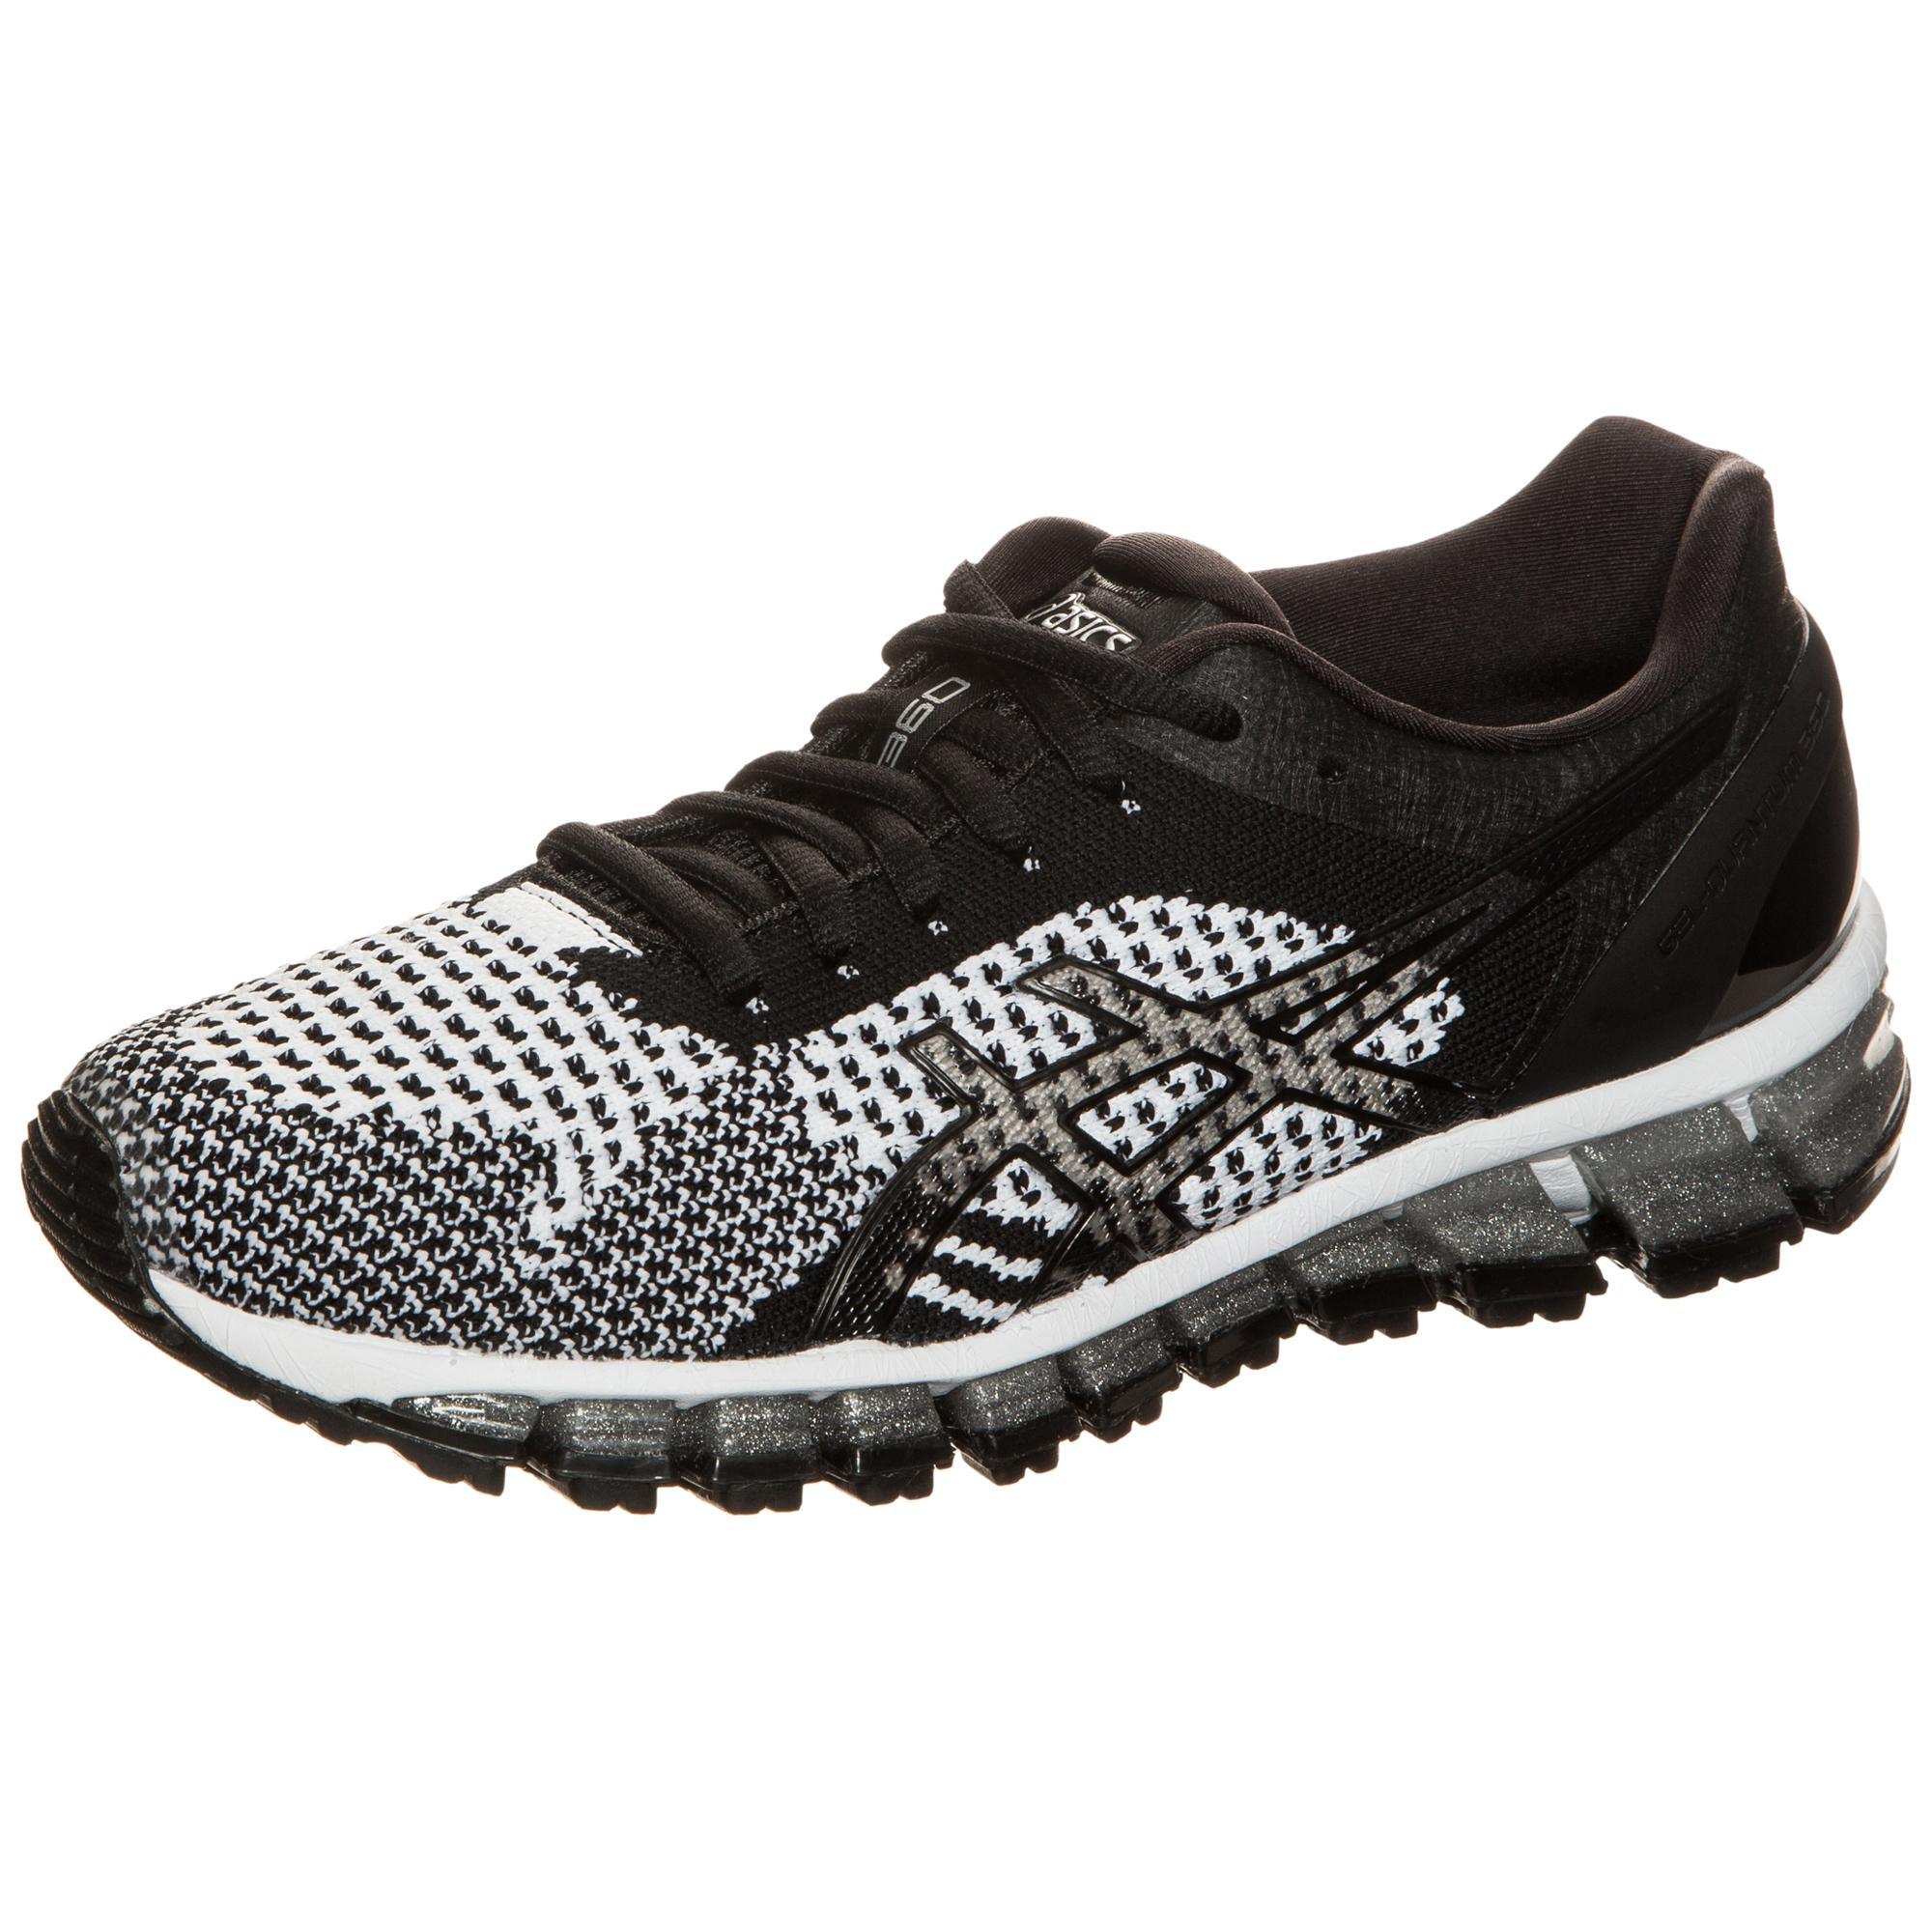 ASICS Gel-Quantum 360 Knit Laufschuhe Damen schwarz / weiß im Online Shop von SportScheck kaufen